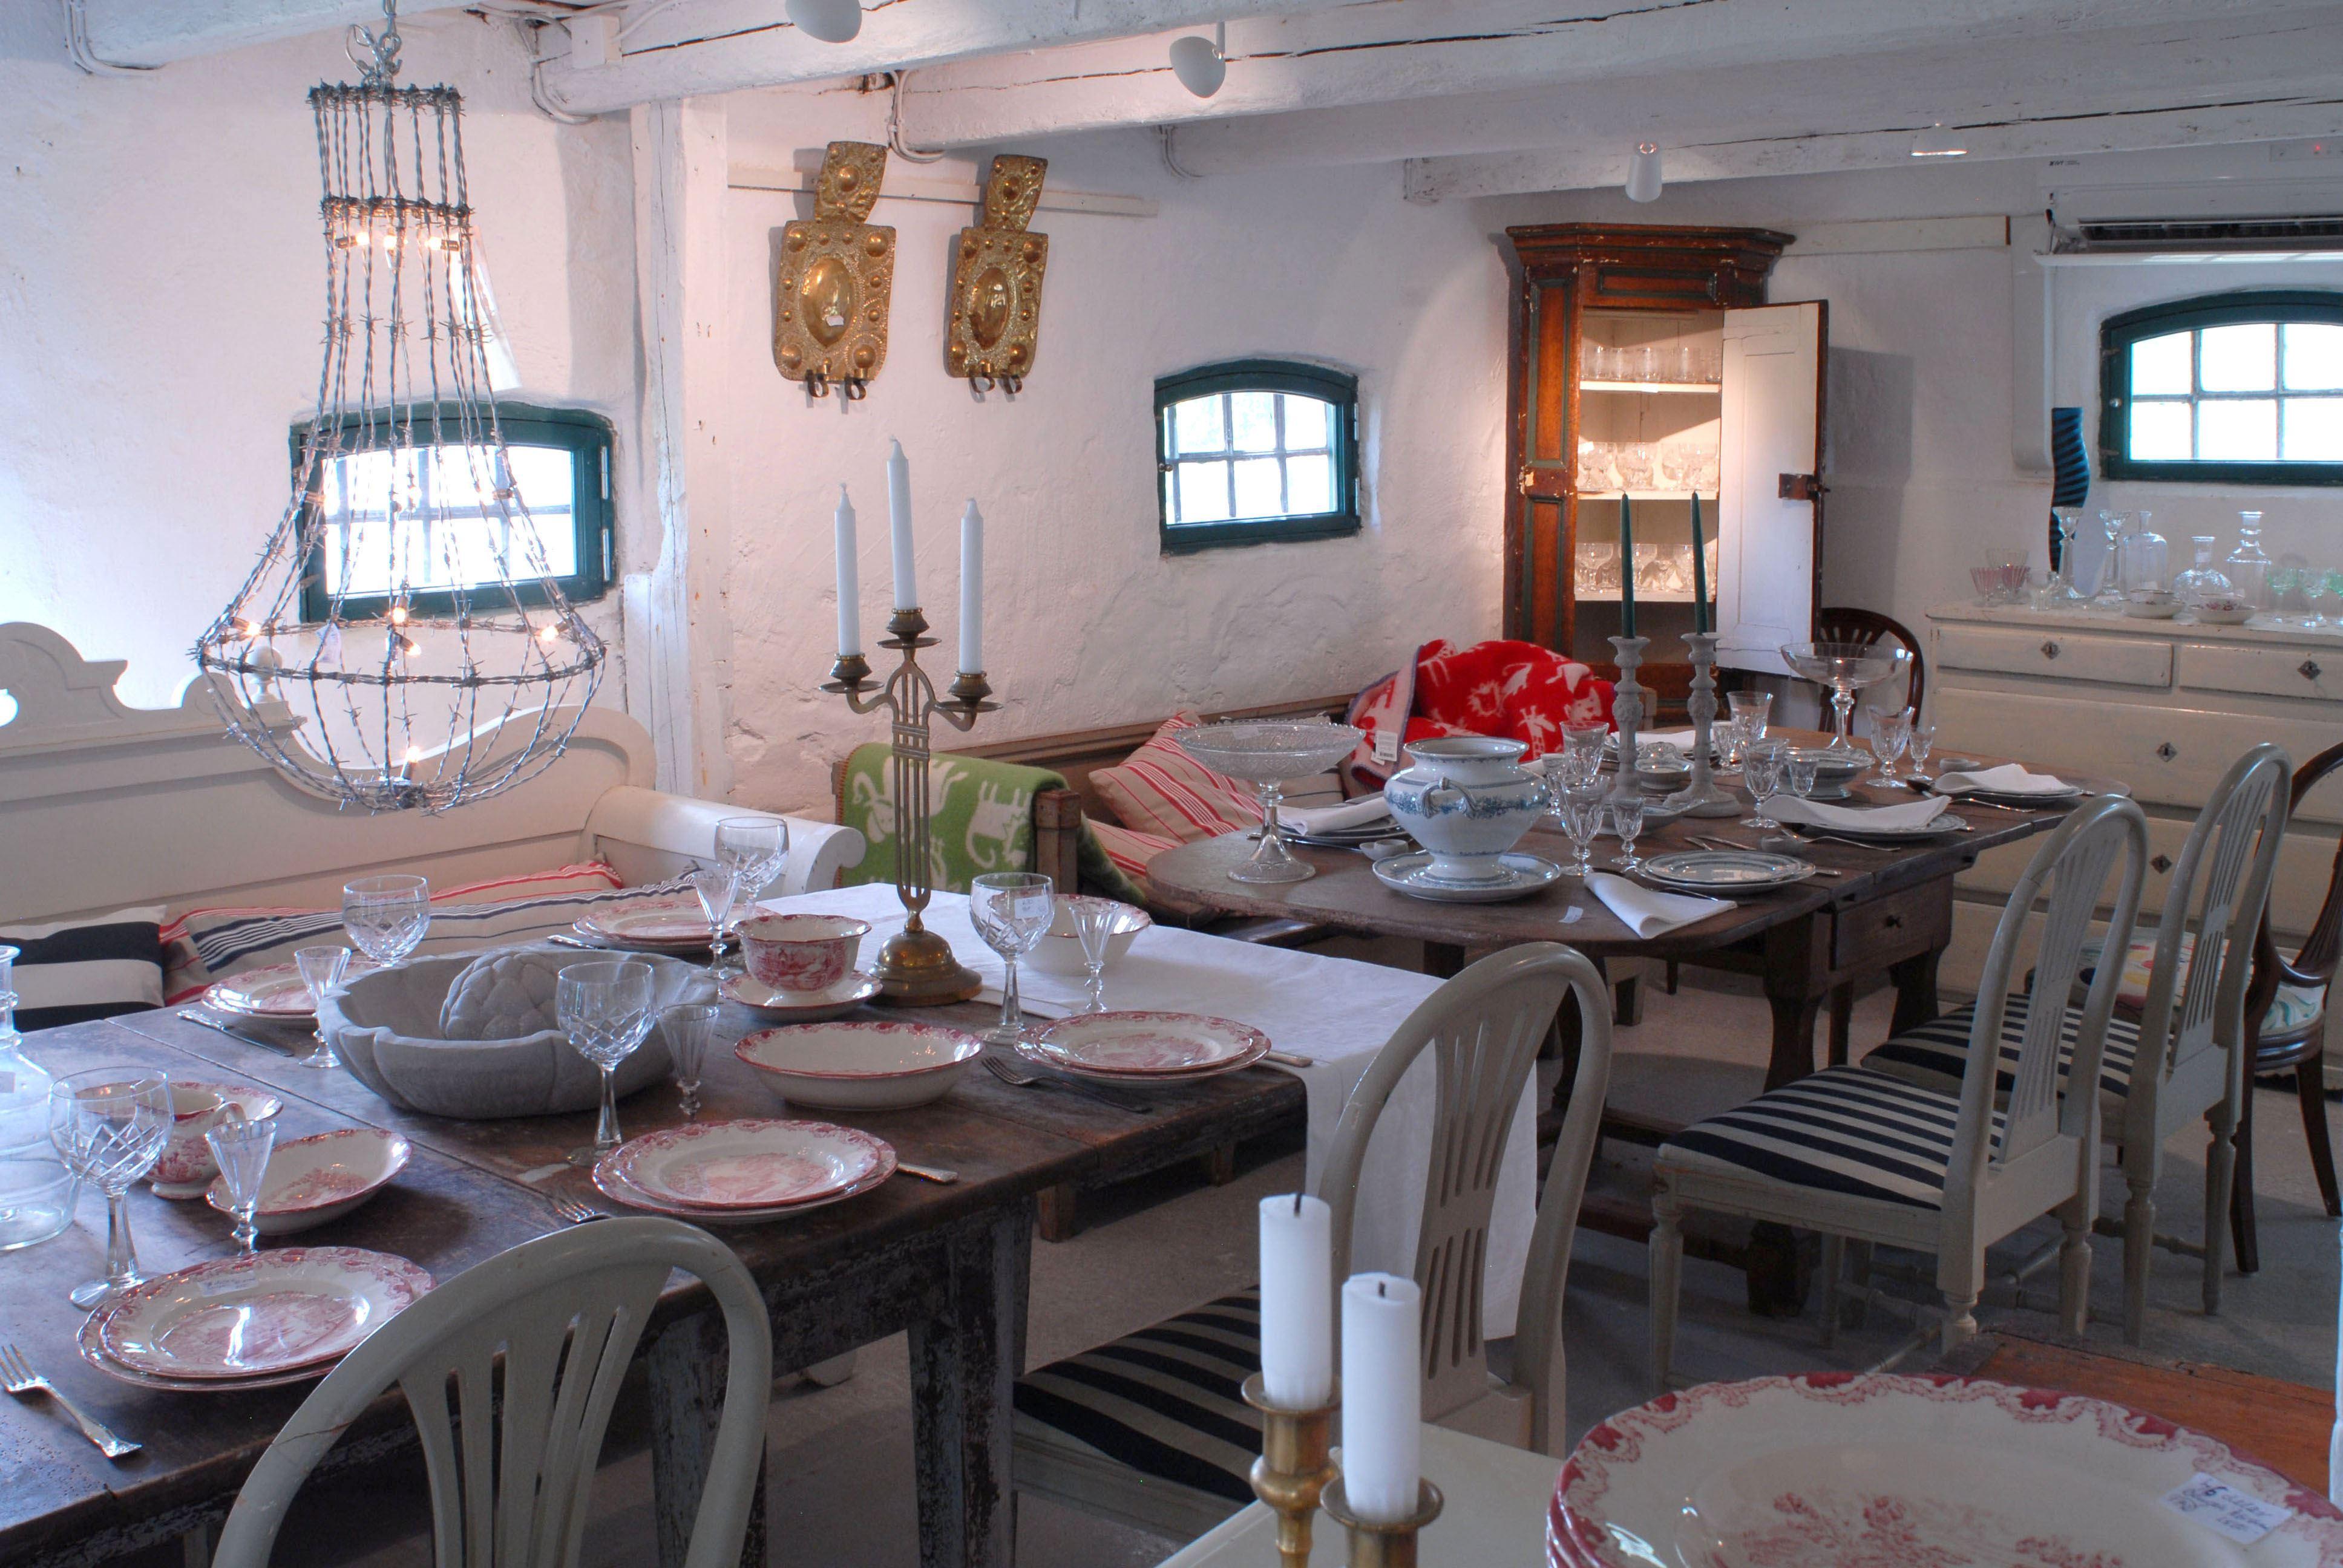 Antikt och Design in Kämpinge